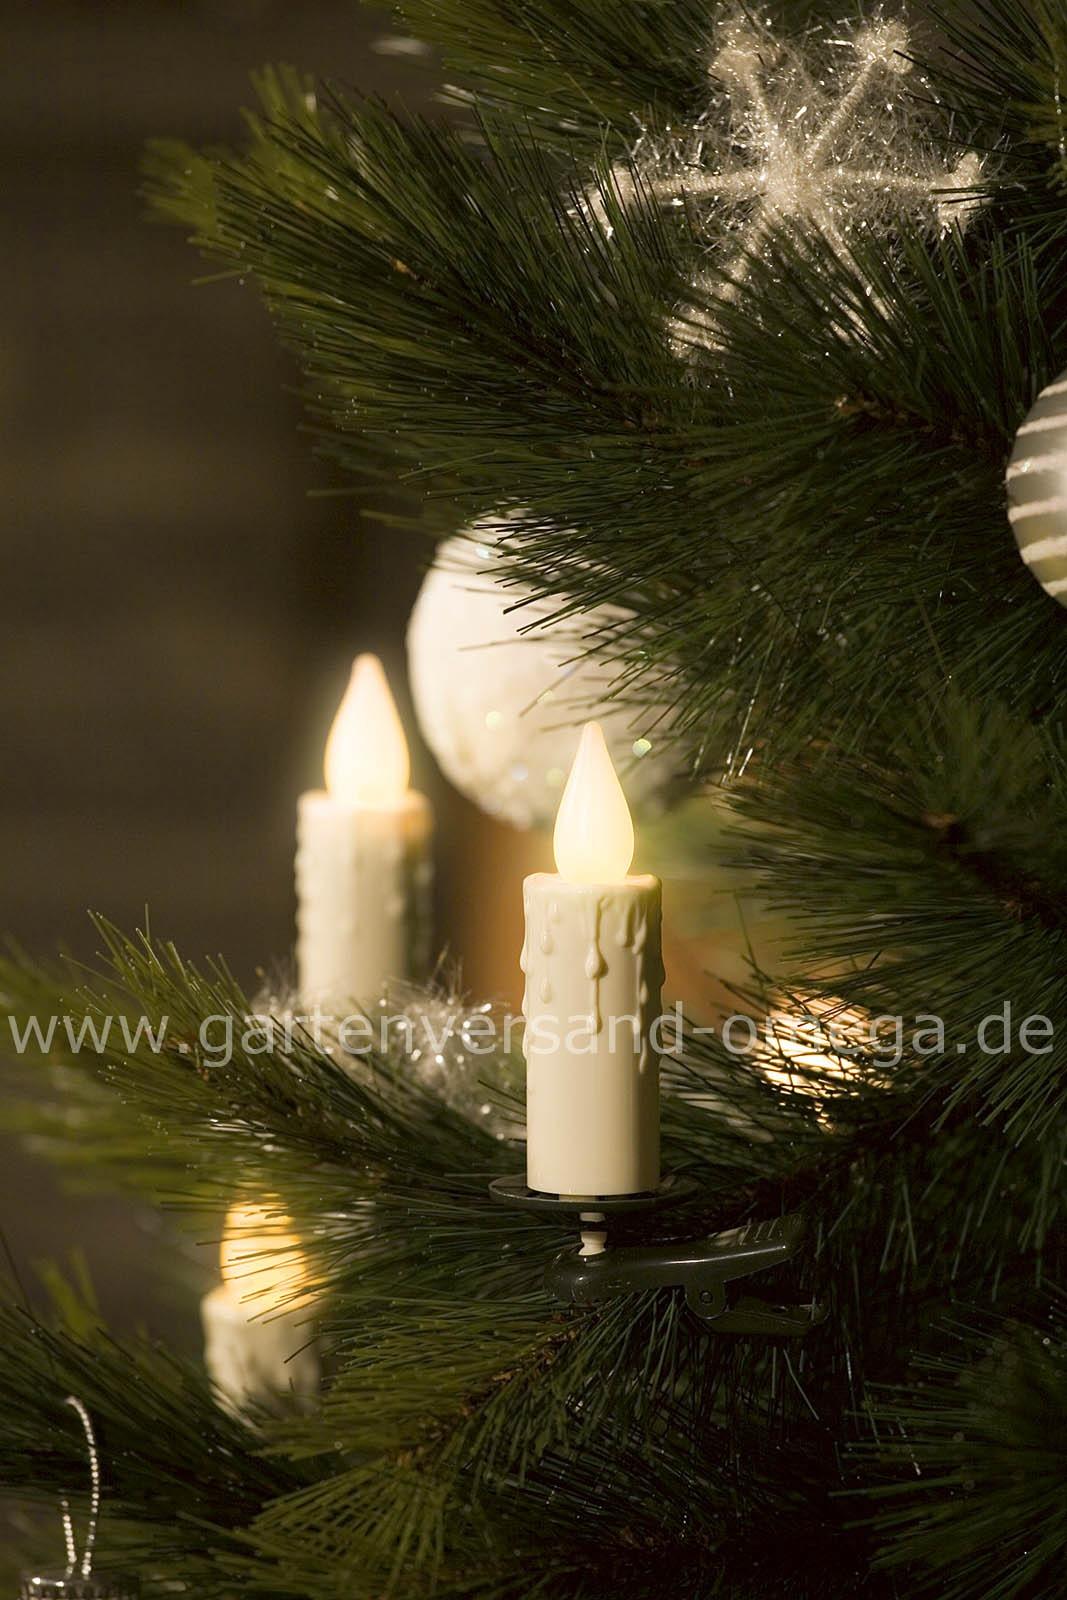 christbaumbeleuchtung led kabellos lichterwelten bequem. Black Bedroom Furniture Sets. Home Design Ideas